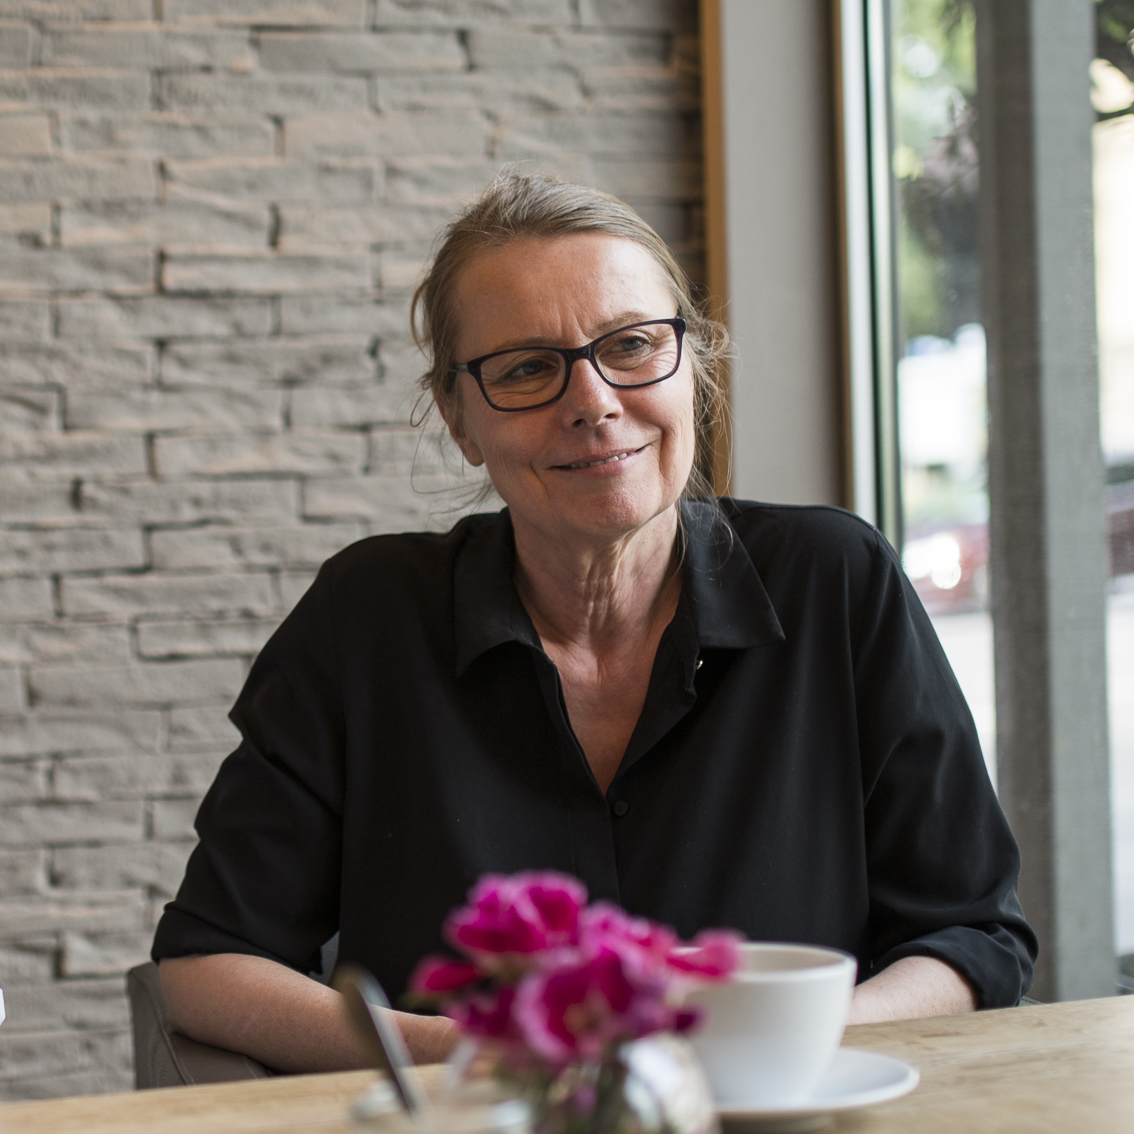 Sabine Brand-Lässig im Interview, organic17.org